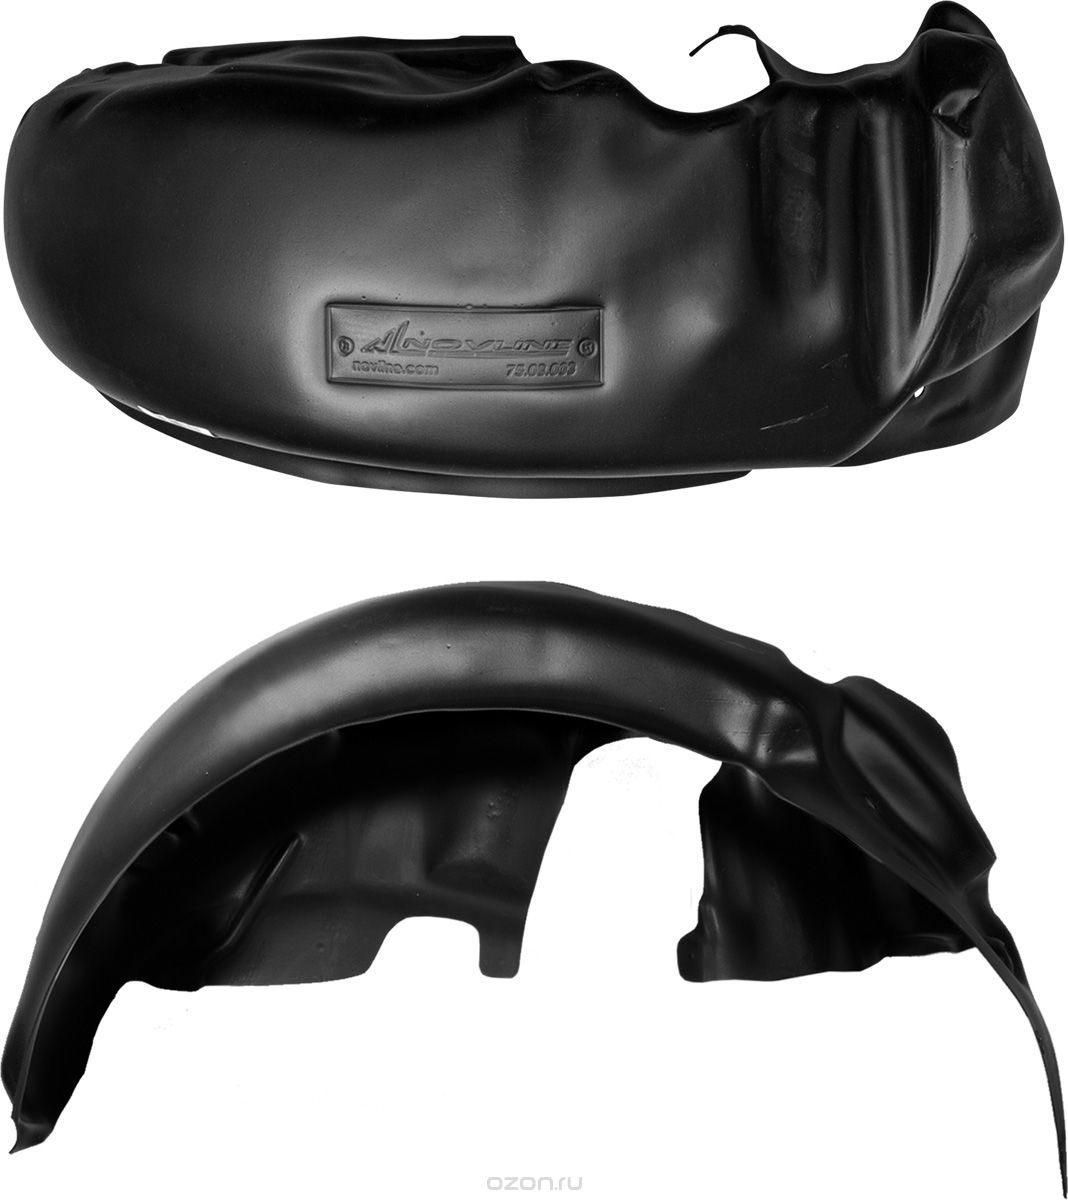 Подкрылок Novline-Autofamily, для ВАЗ 2106 1976-2001 , передний левыйNLS.20.47.004Идеальная защита колесной ниши. Локеры разработаны с применением цифровых технологий, гарантируют максимальную повторяемость поверхности арки. Изделия устанавливаются без нарушения лакокрасочного покрытия автомобиля, каждый подкрылок комплектуется крепежом. Уважаемые клиенты, обращаем ваше внимание, что фотографии на подкрылки универсальные и не отражают реальную форму изделия. При этом само изделие идет точно под размер указанного автомобиля.